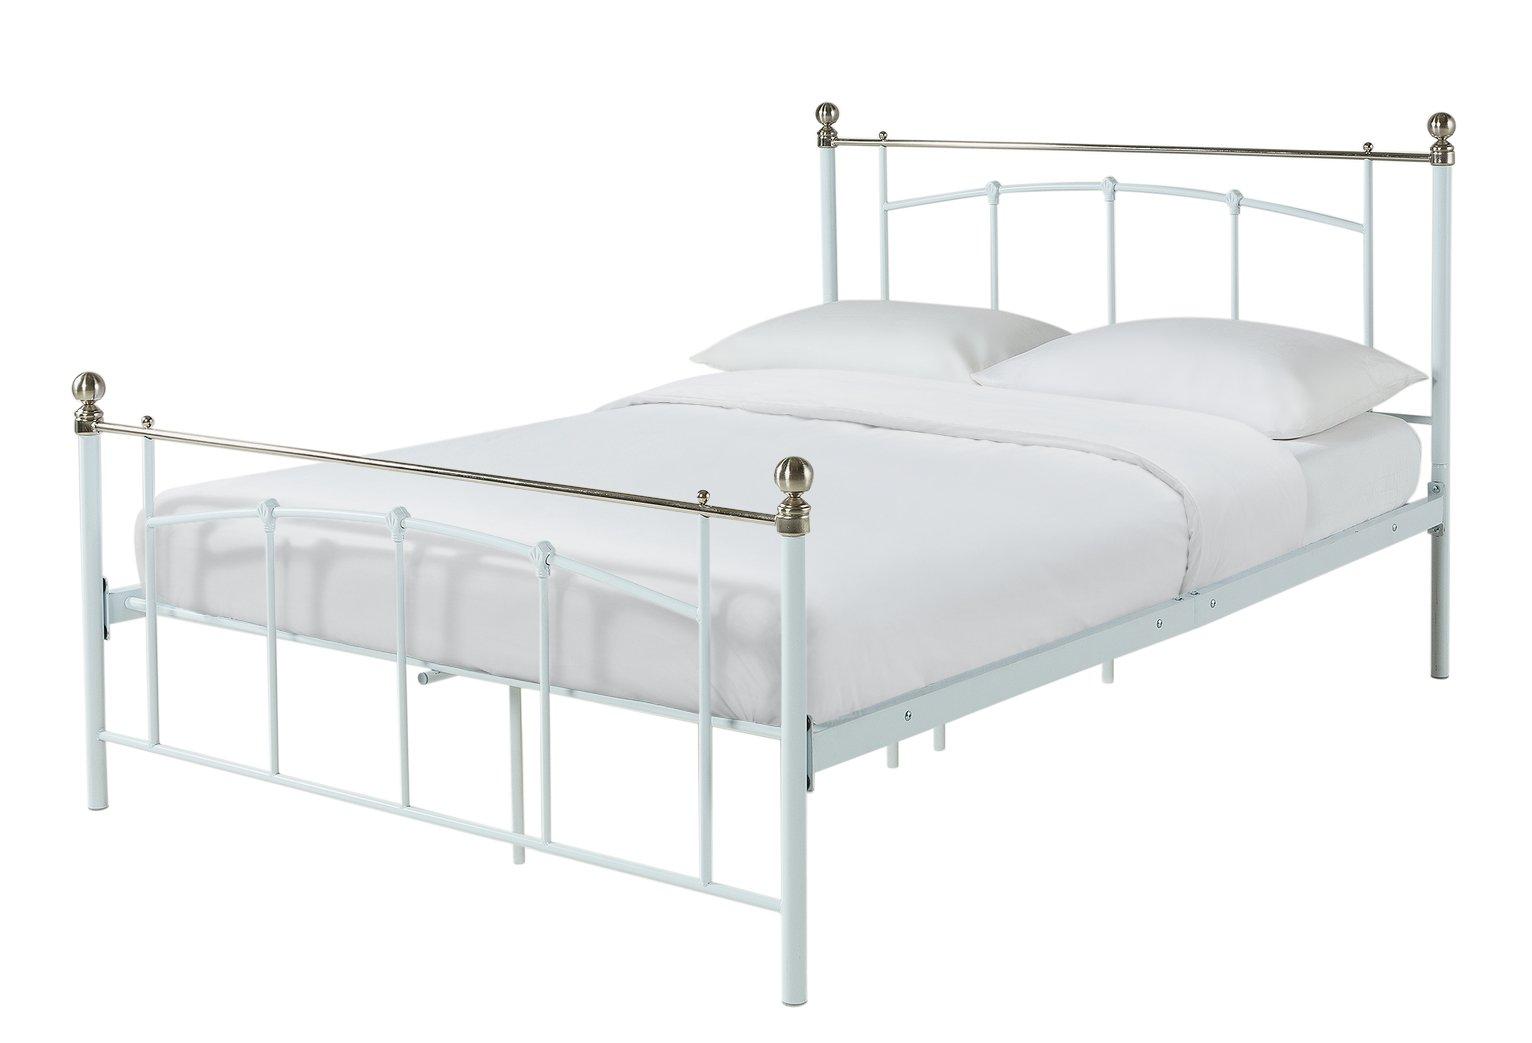 Argos Home Yani Kingsize Bed Frame - White